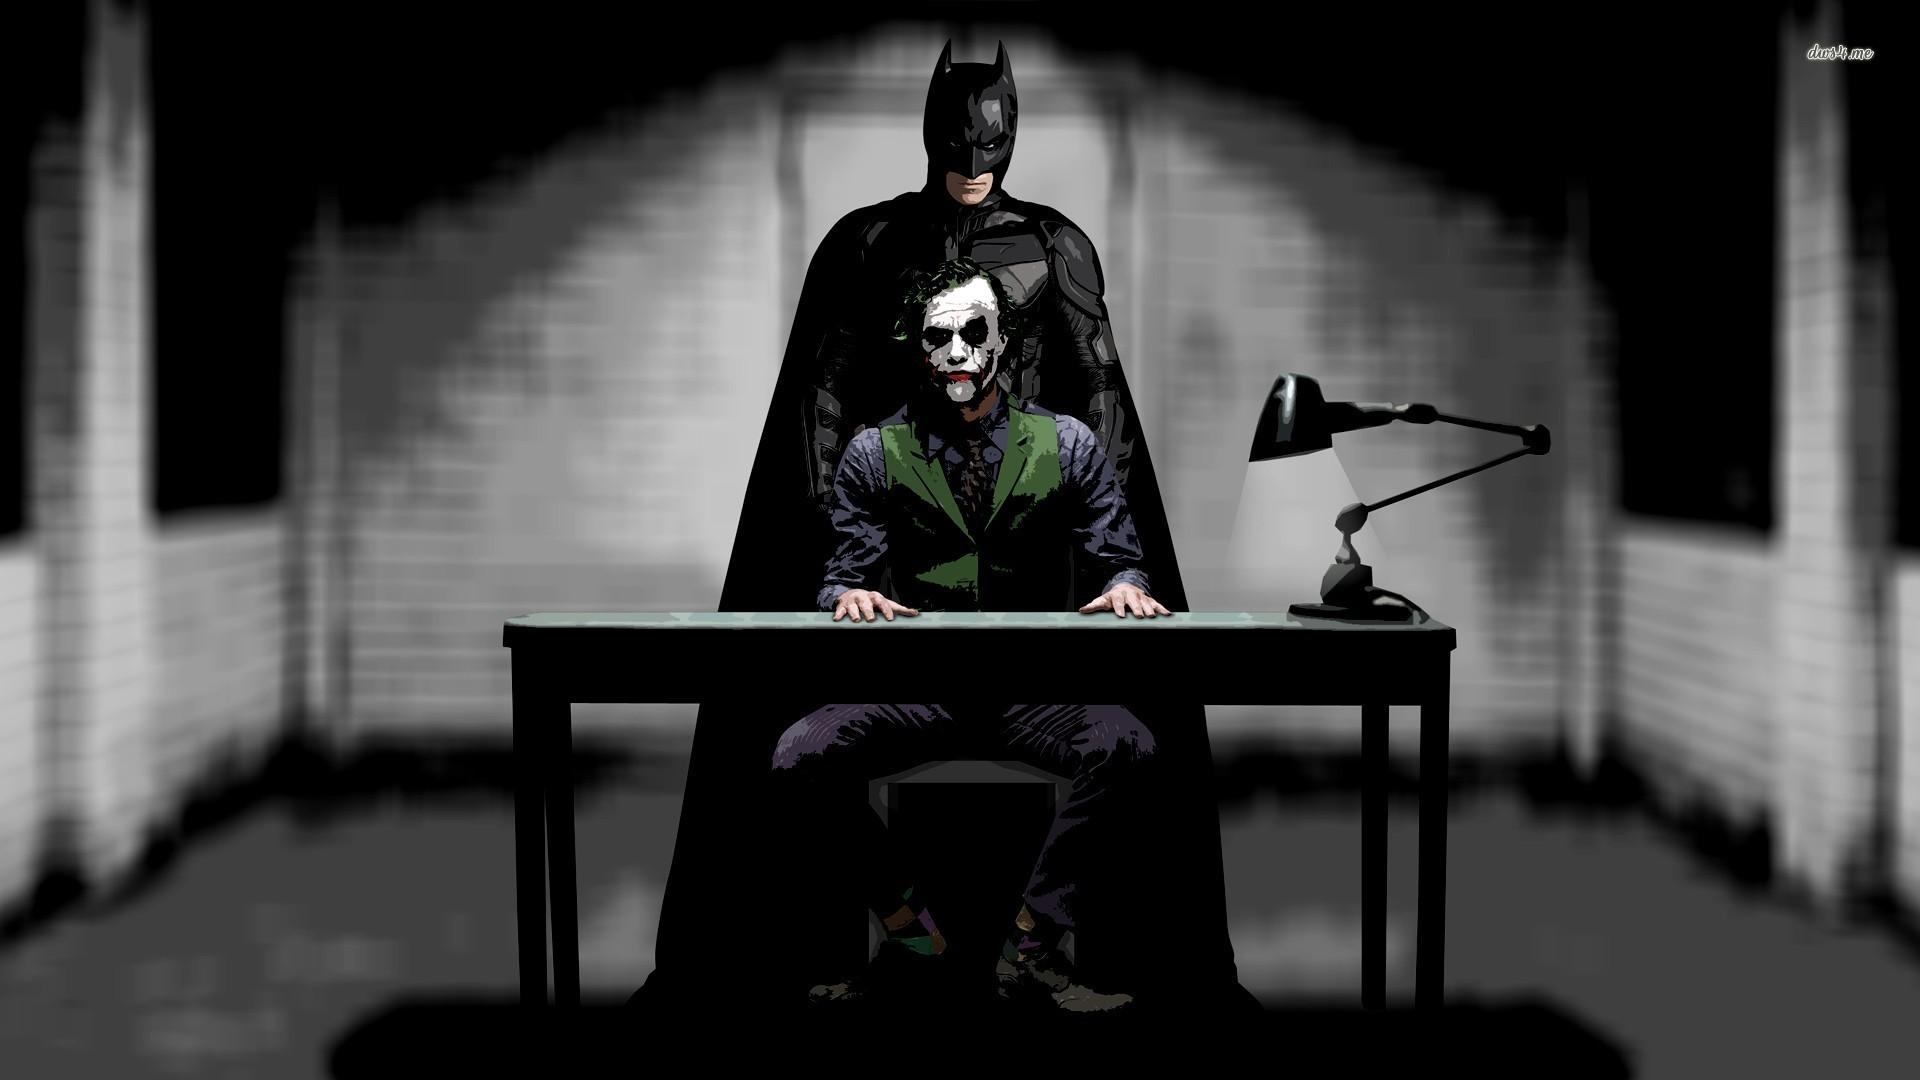 Joker Batman Wallpaper 75 Pictures